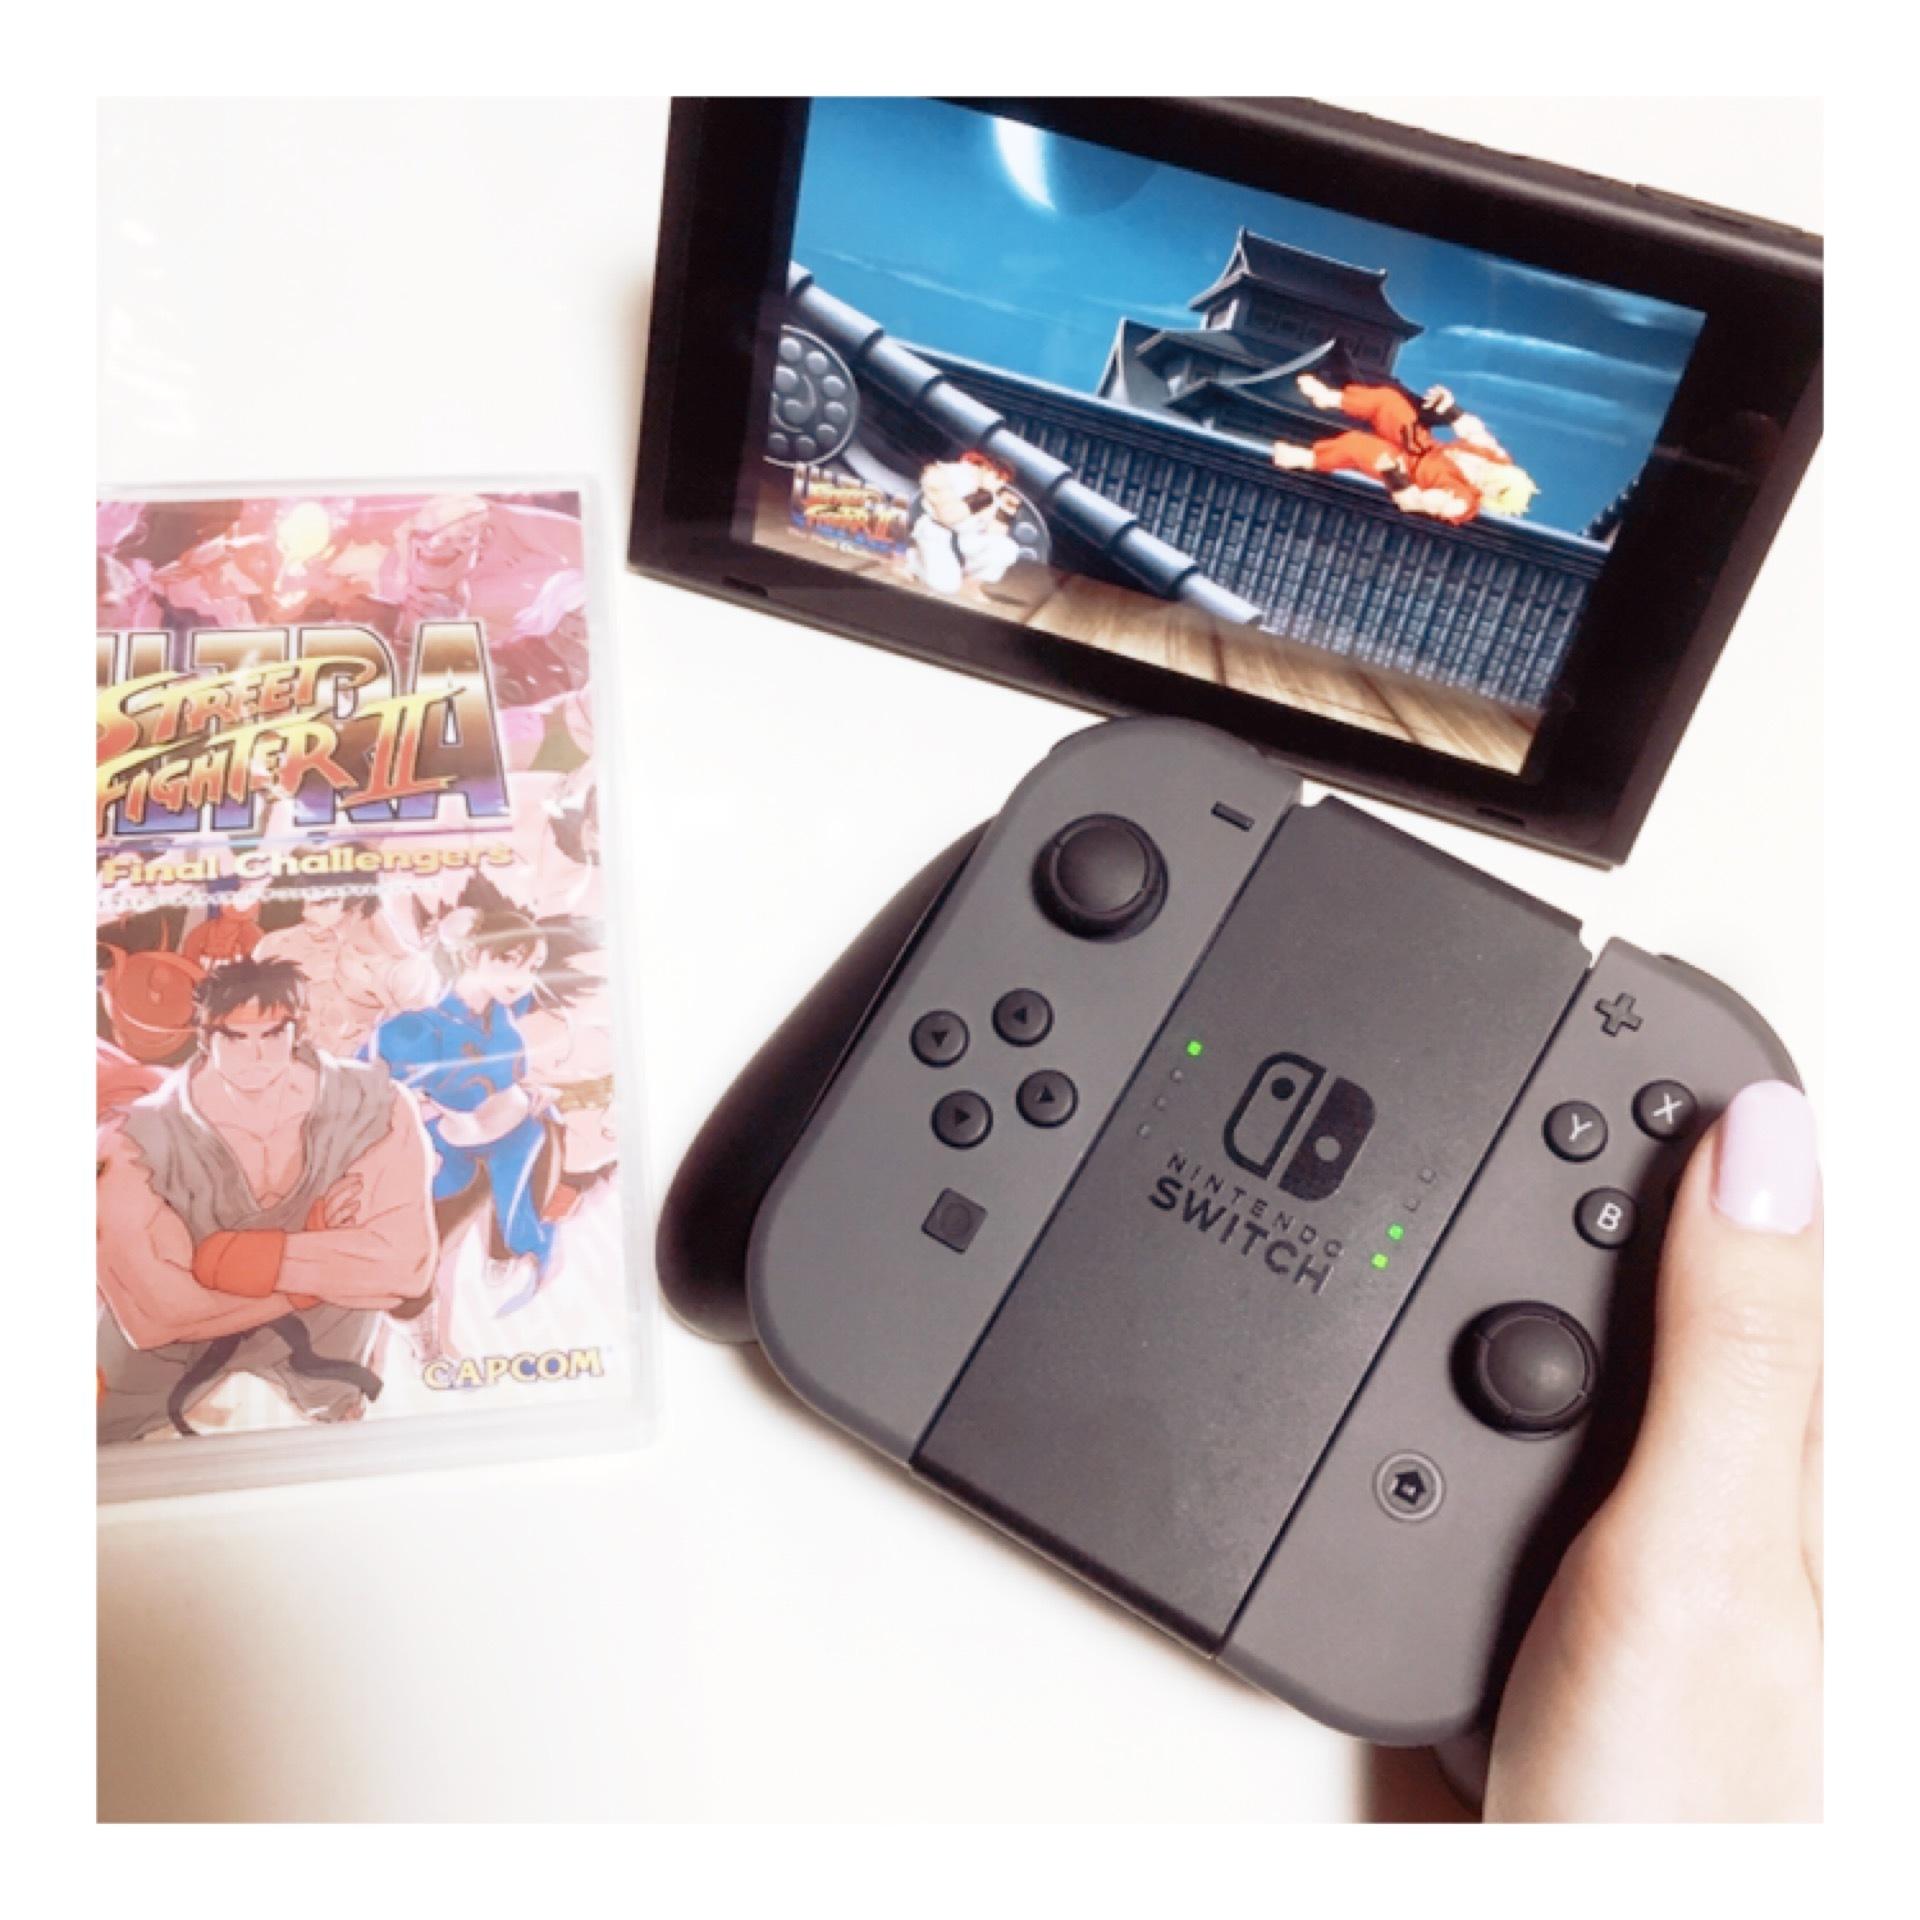 ゲーマー女子♡大人気で入手困難!?『 Nintendo switch 』_1_4